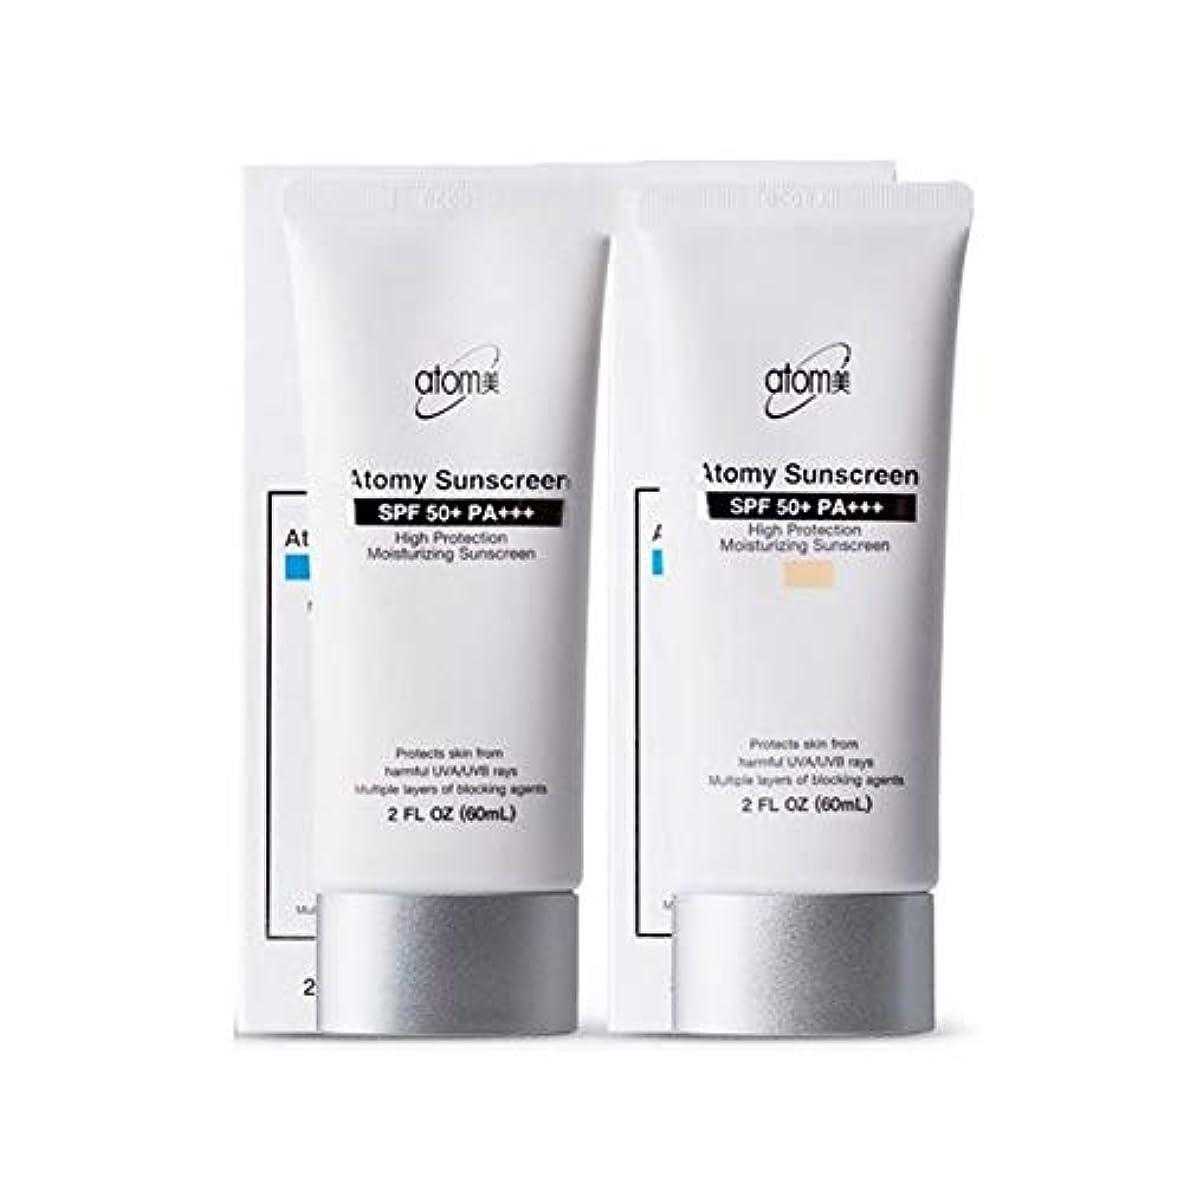 レトルト倉庫無駄だアトミ(Atomy) サンクリームベージュ+ホワイト(SPF50+/PA+++)60ml、ハイプロテクション、Atomy Sun Cream Beige+White(SPF50+/PA+++)60ml、High Protection...